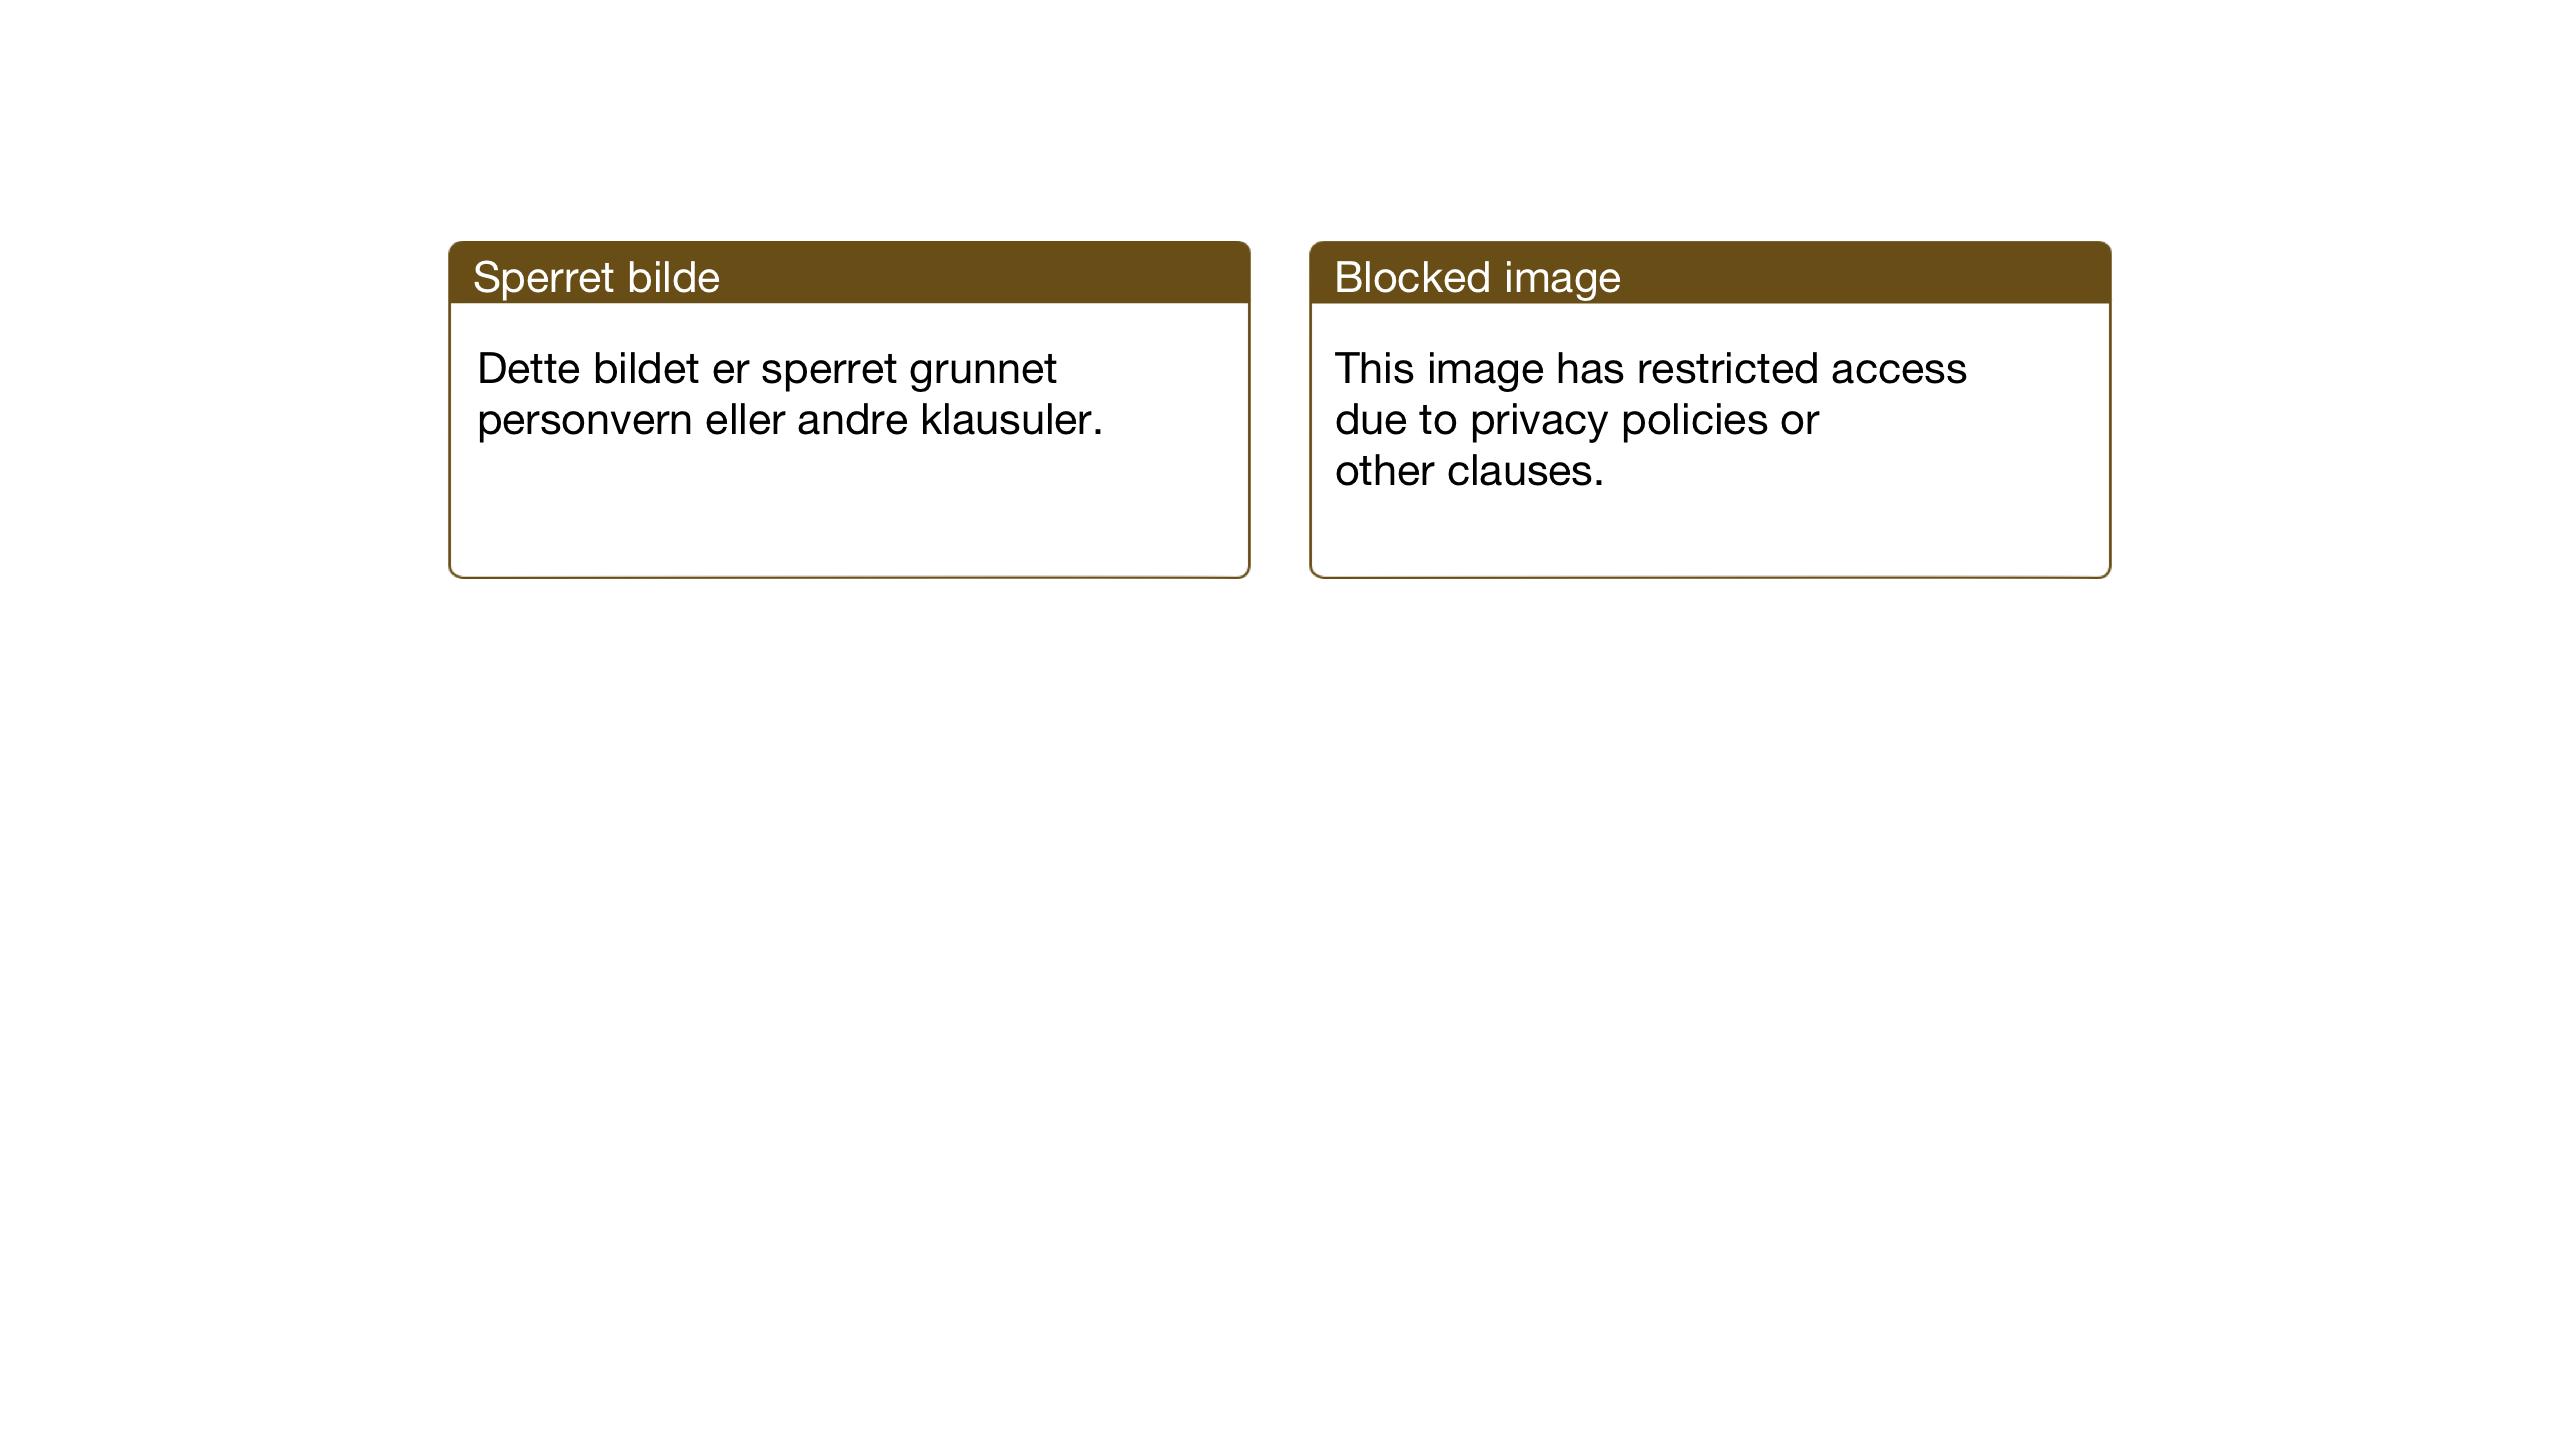 SAT, Ministerialprotokoller, klokkerbøker og fødselsregistre - Sør-Trøndelag, 611/L0356: Klokkerbok nr. 611C04, 1914-1938, s. 81